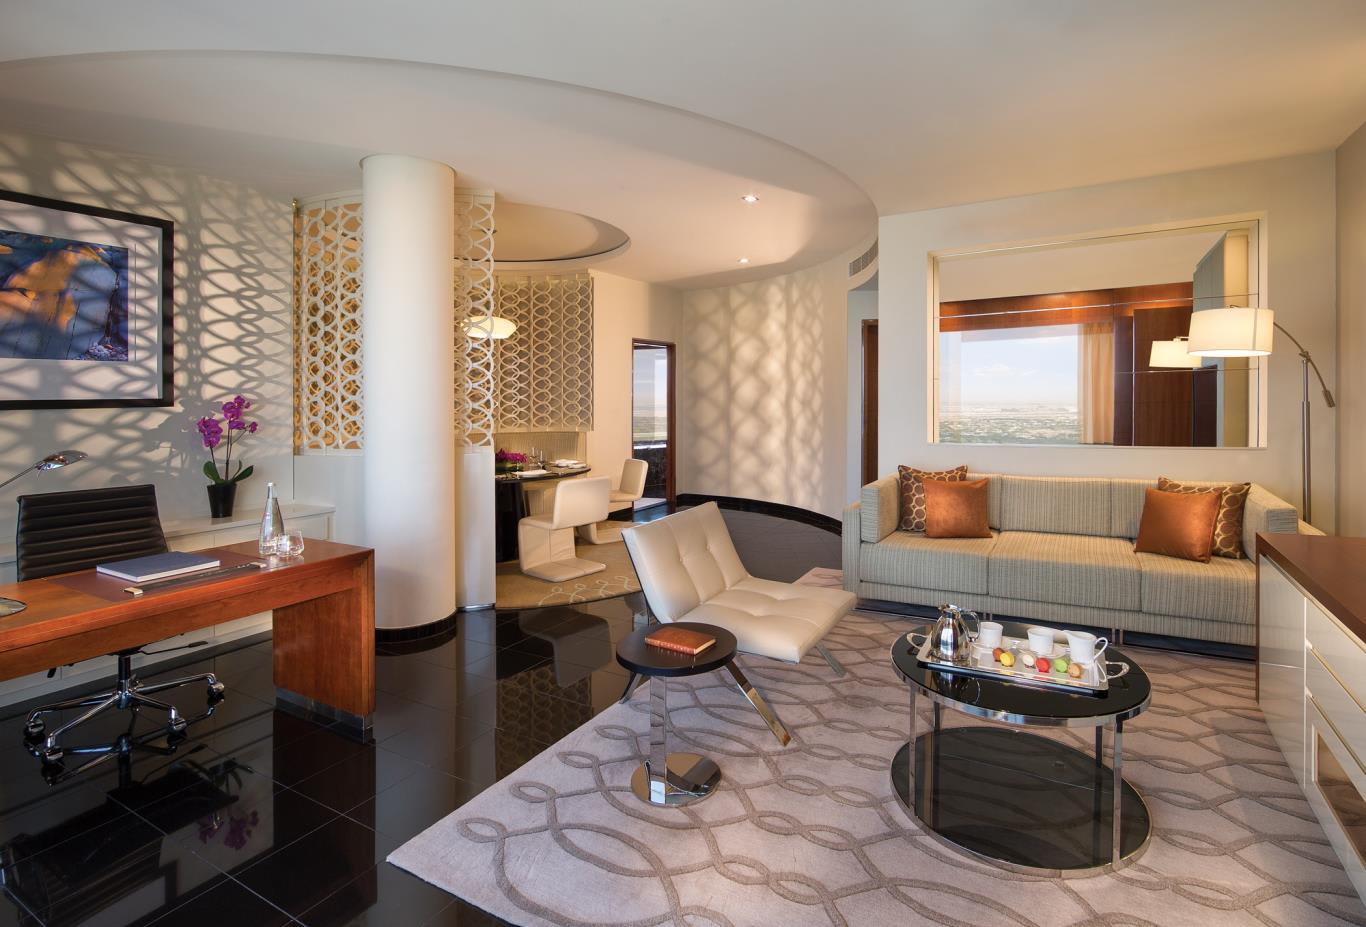 Deluxe_Suite_Living_Room